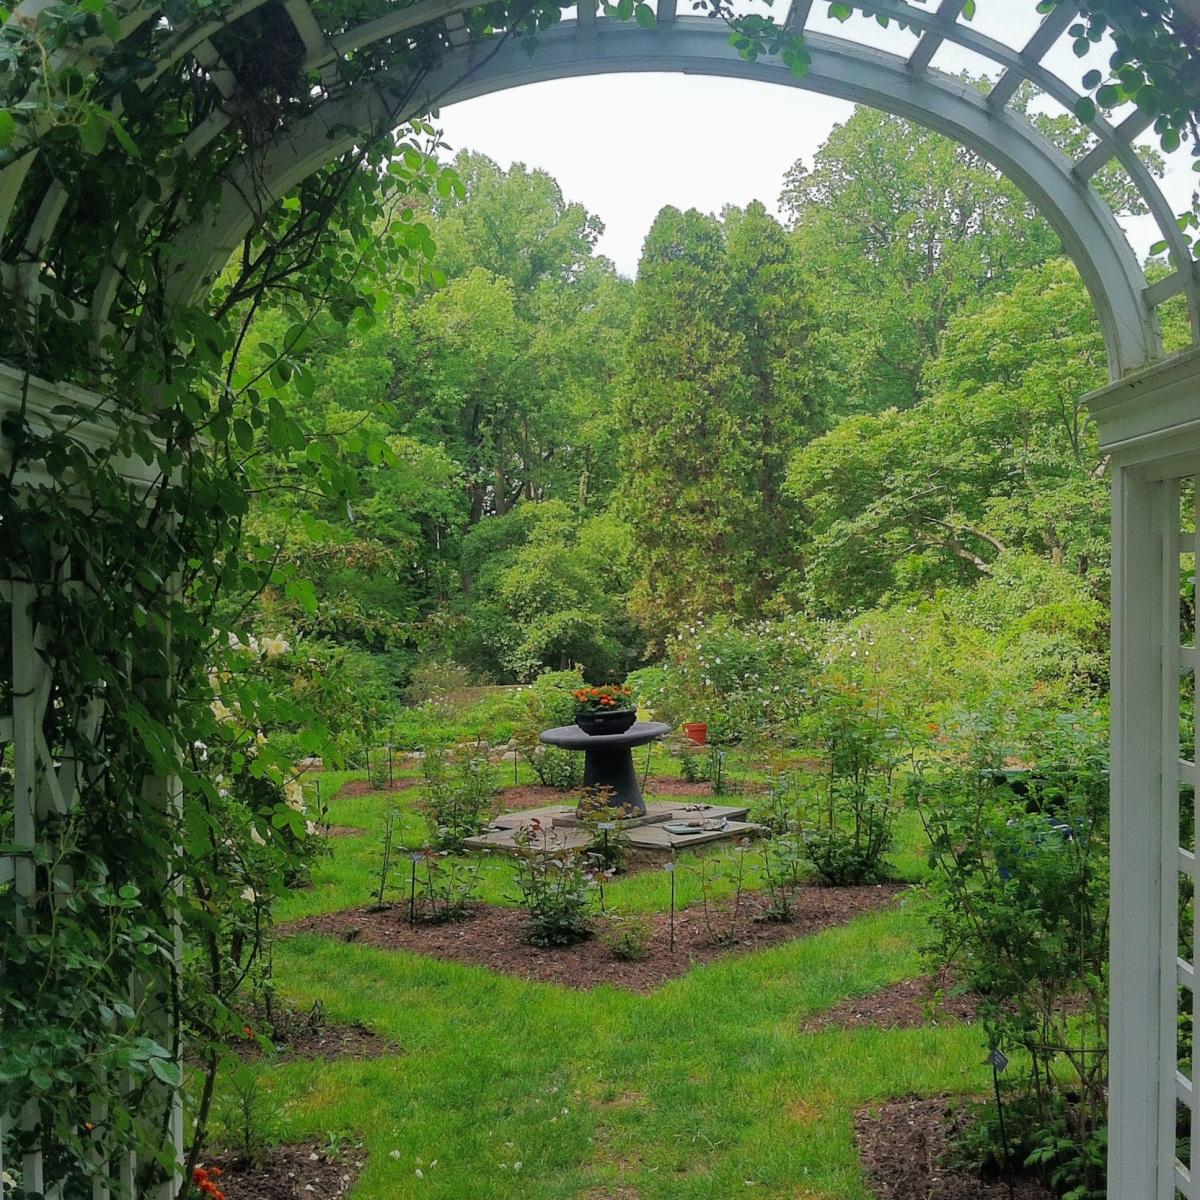 The perennial garden, Barnes arboretum.